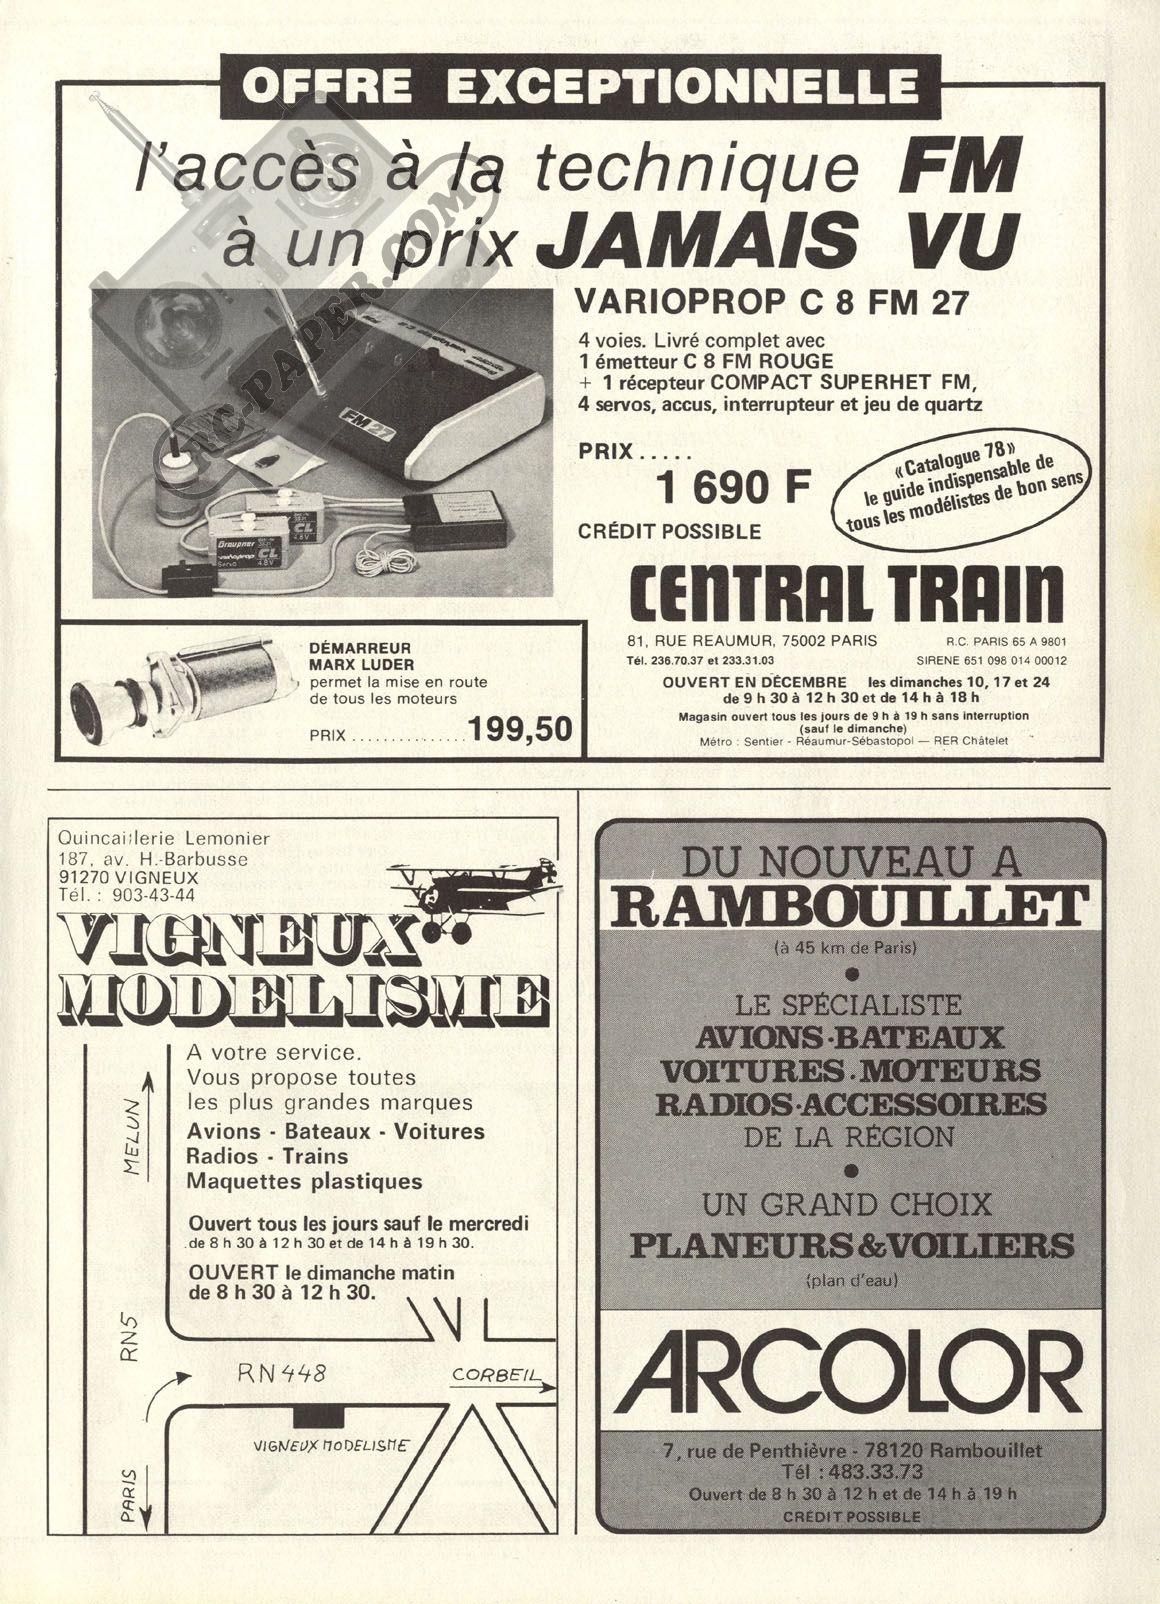 10 x 8 Métal Signe-Avions bateaux trains-vendu avec quelques marques-voir description